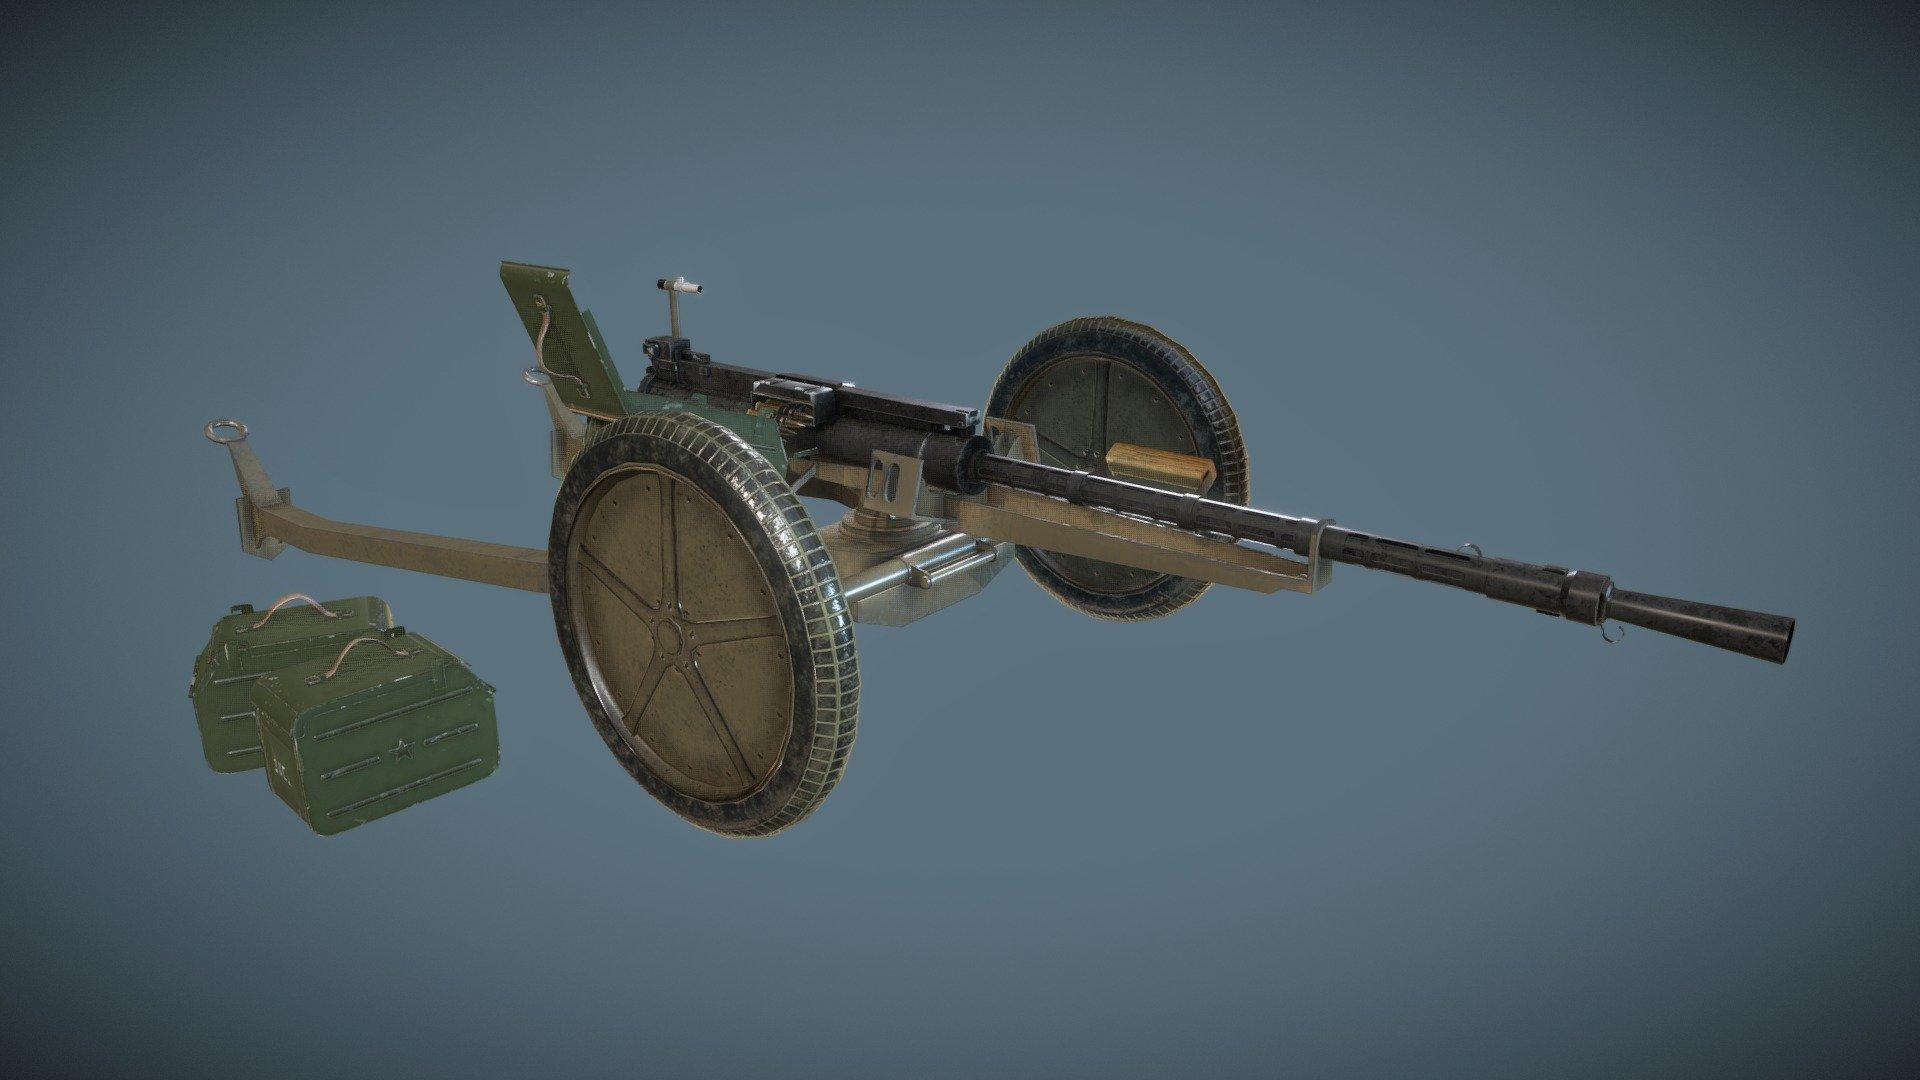 кпвт пулемет характеристики фото полку можно установить